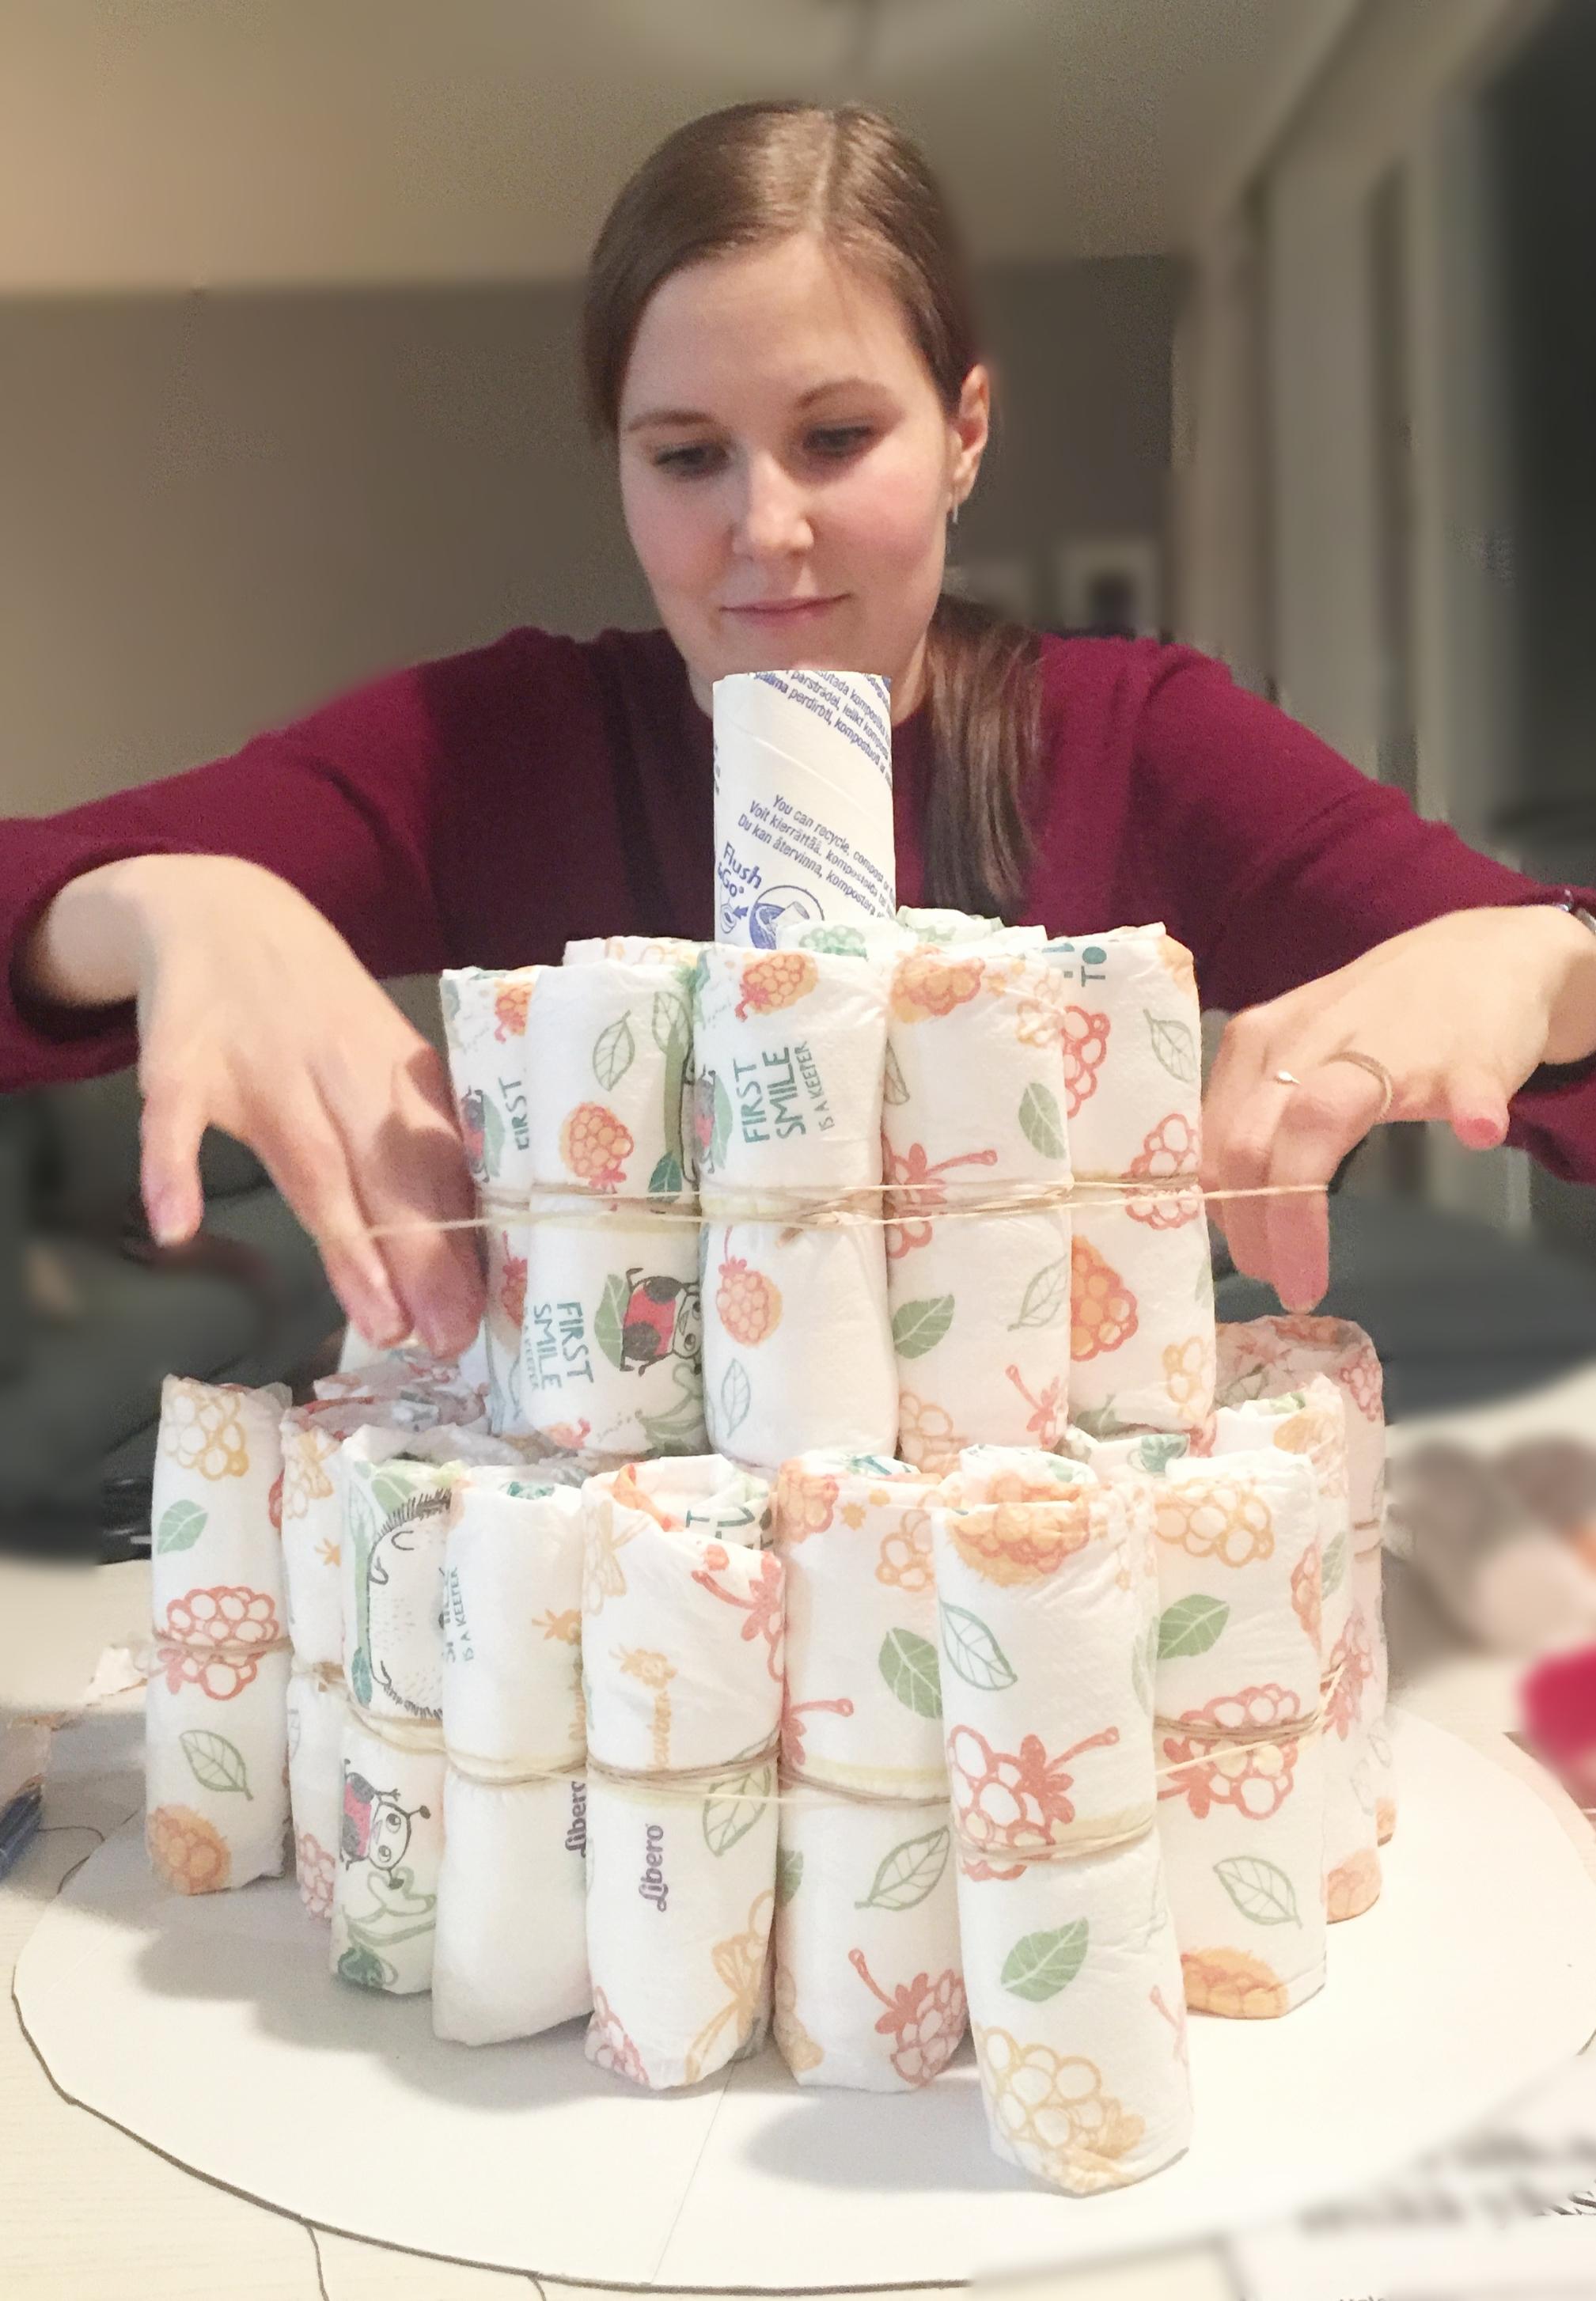 Venytä kuminauha vaippojen ympärille, jotta kakku pysyy kasassa.